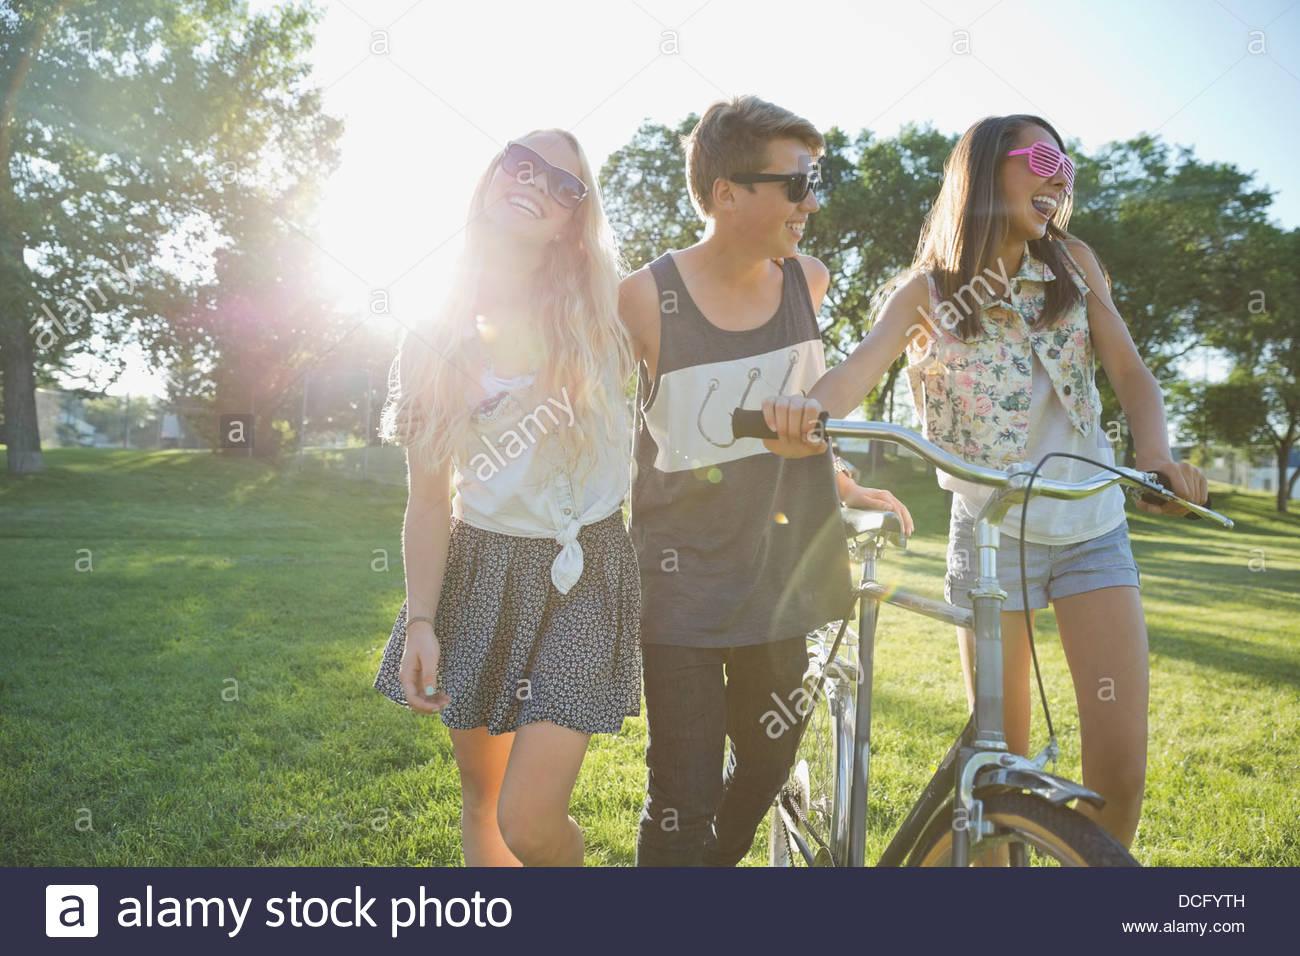 Glücklich Teenager Freunden mit dem Fahrrad, zu Fuß im park Stockbild